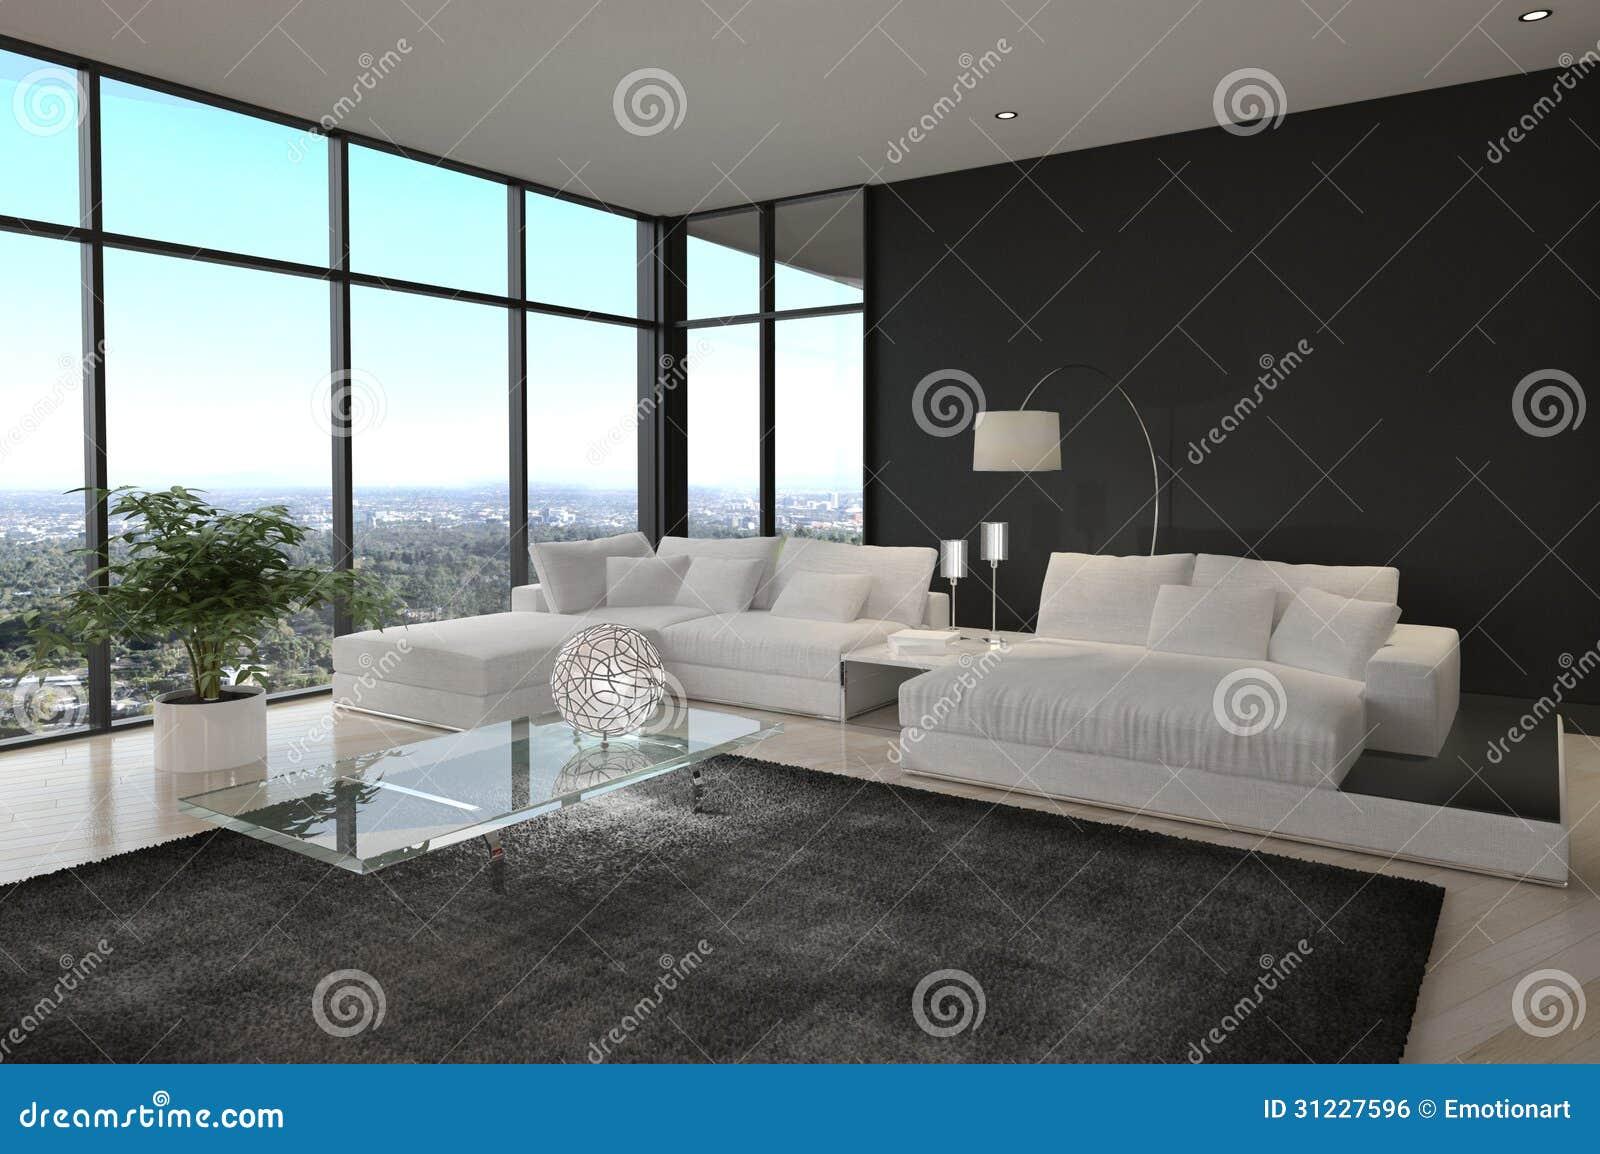 Salon moderne impressionnant de grenier int rieur d 39 architecture image libre de droits image for Interieur salon moderne